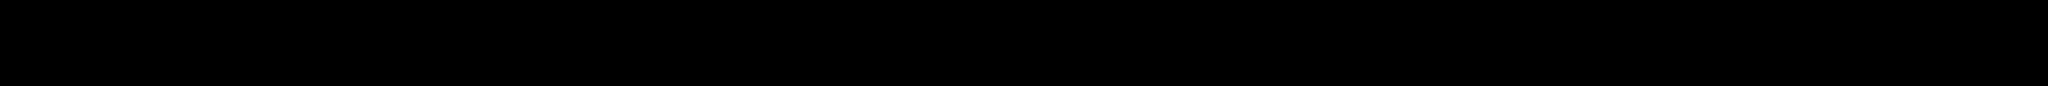 ENERGIZER 027, 542916, 563400061, EM63-L2 Starterbatterie